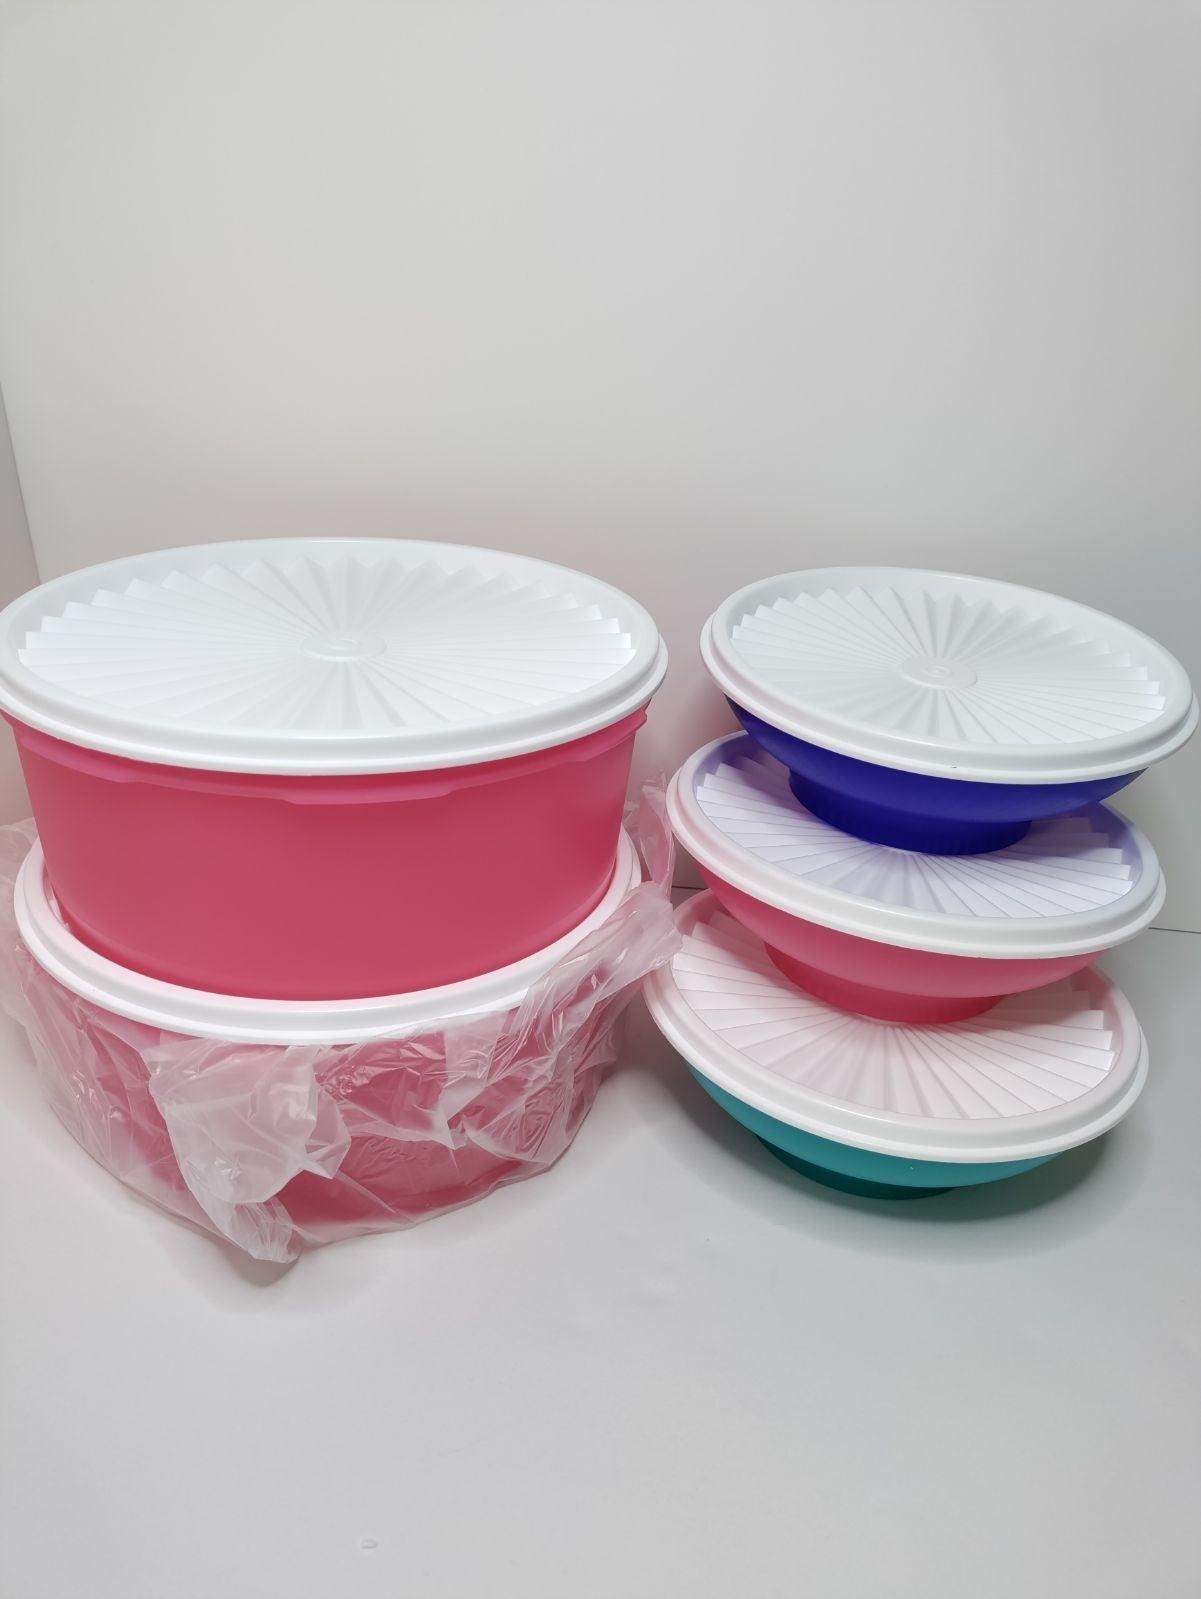 Tupperware Servalier Bowls